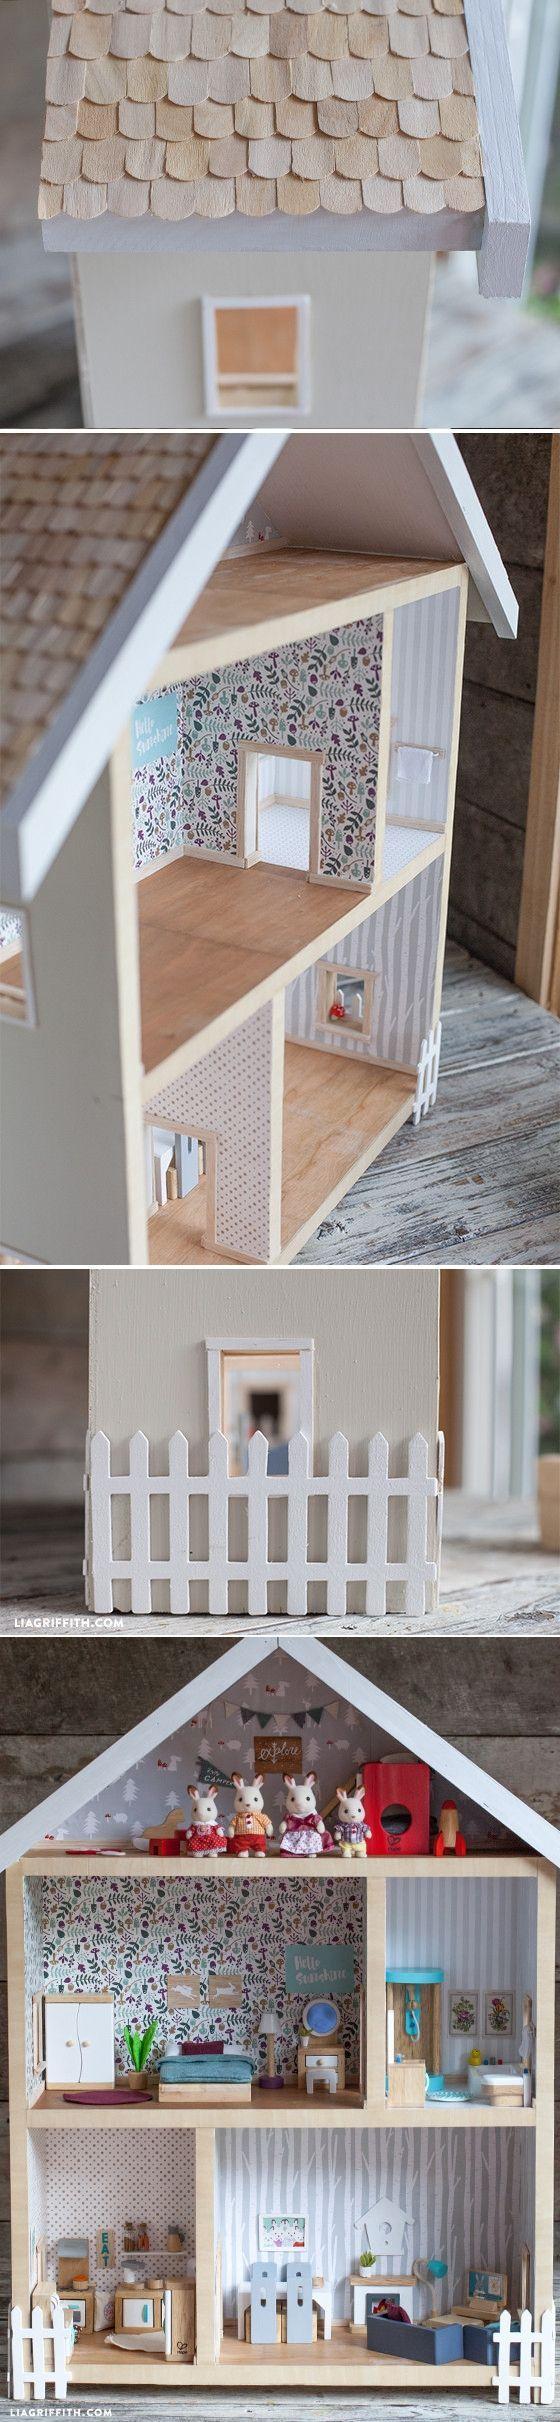 Wunderschönes Puppenhaus Mehr